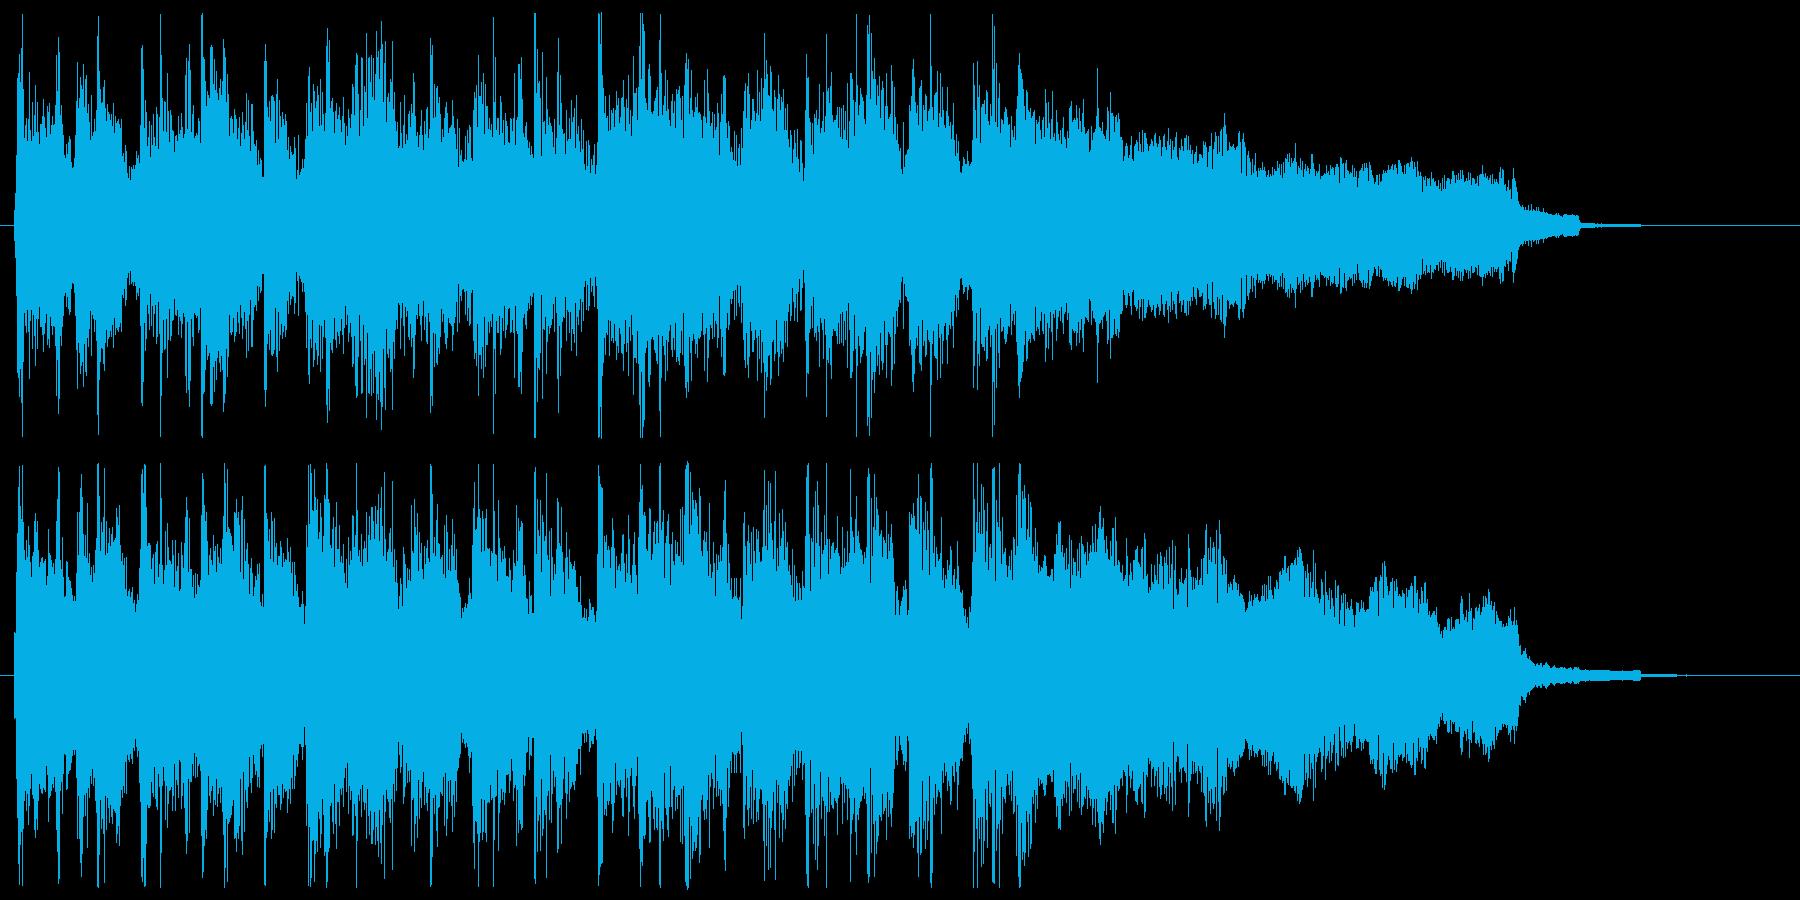 結果発表の再生済みの波形